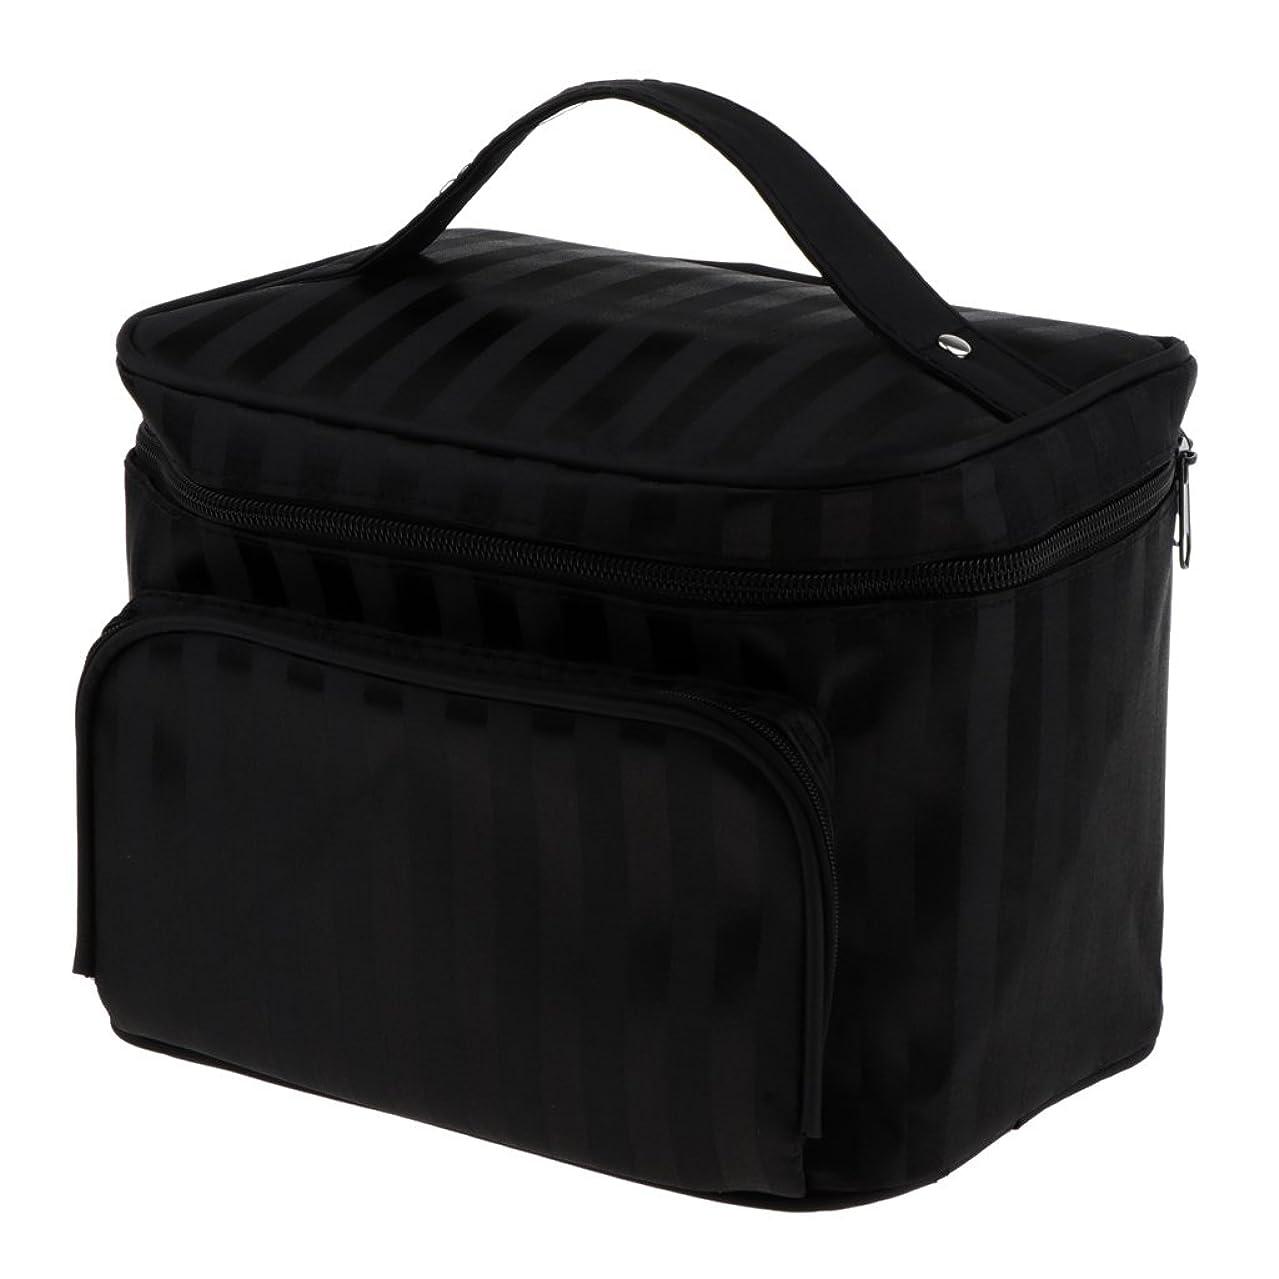 落胆するオーナー資金Perfk メイクアップバッグ 化粧品バッグ 化粧品 コスメ メイクアップ 収納 防水 耐摩耗 旅行用 バッグ メイクボックス 化粧ポーチ 5色選べる - ブラック